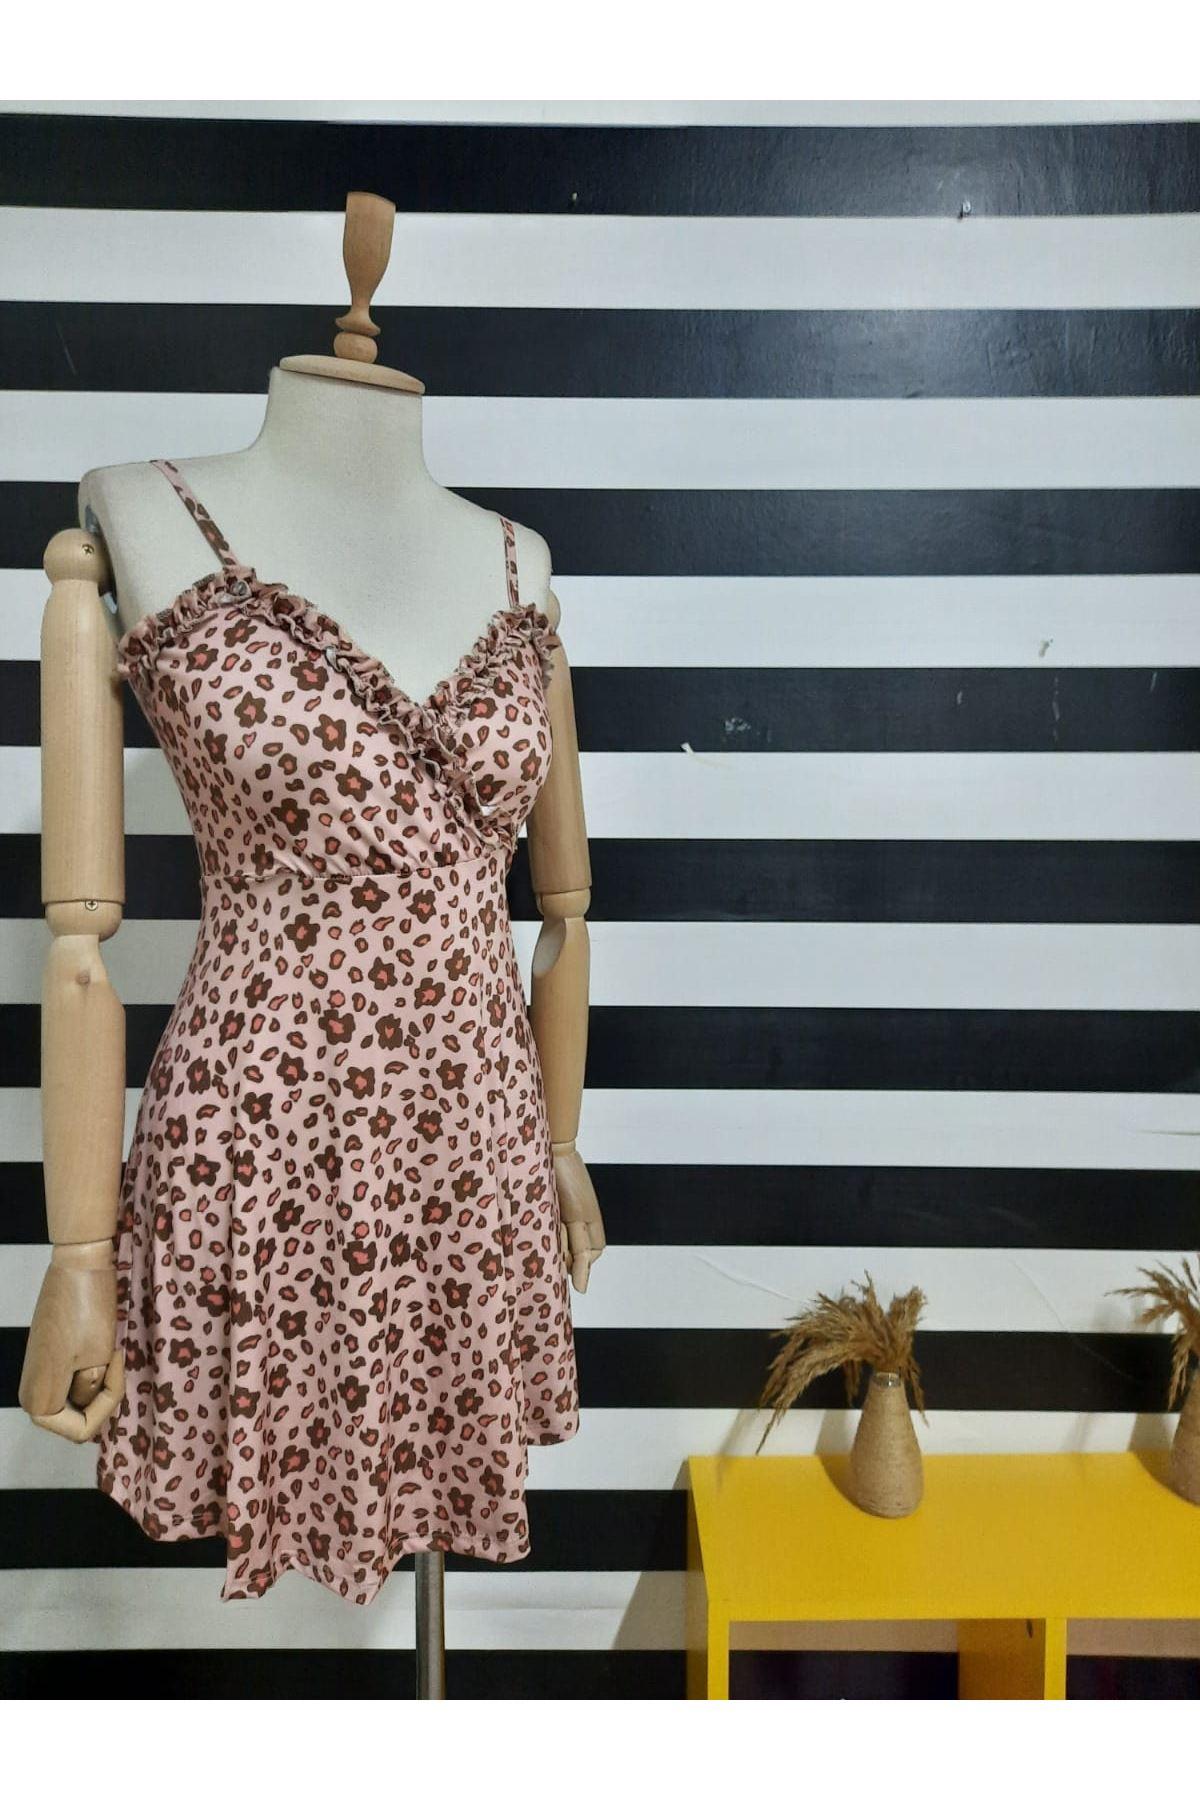 Leopar Dijital Baskılı Kravuze Elbise - LEOPAR